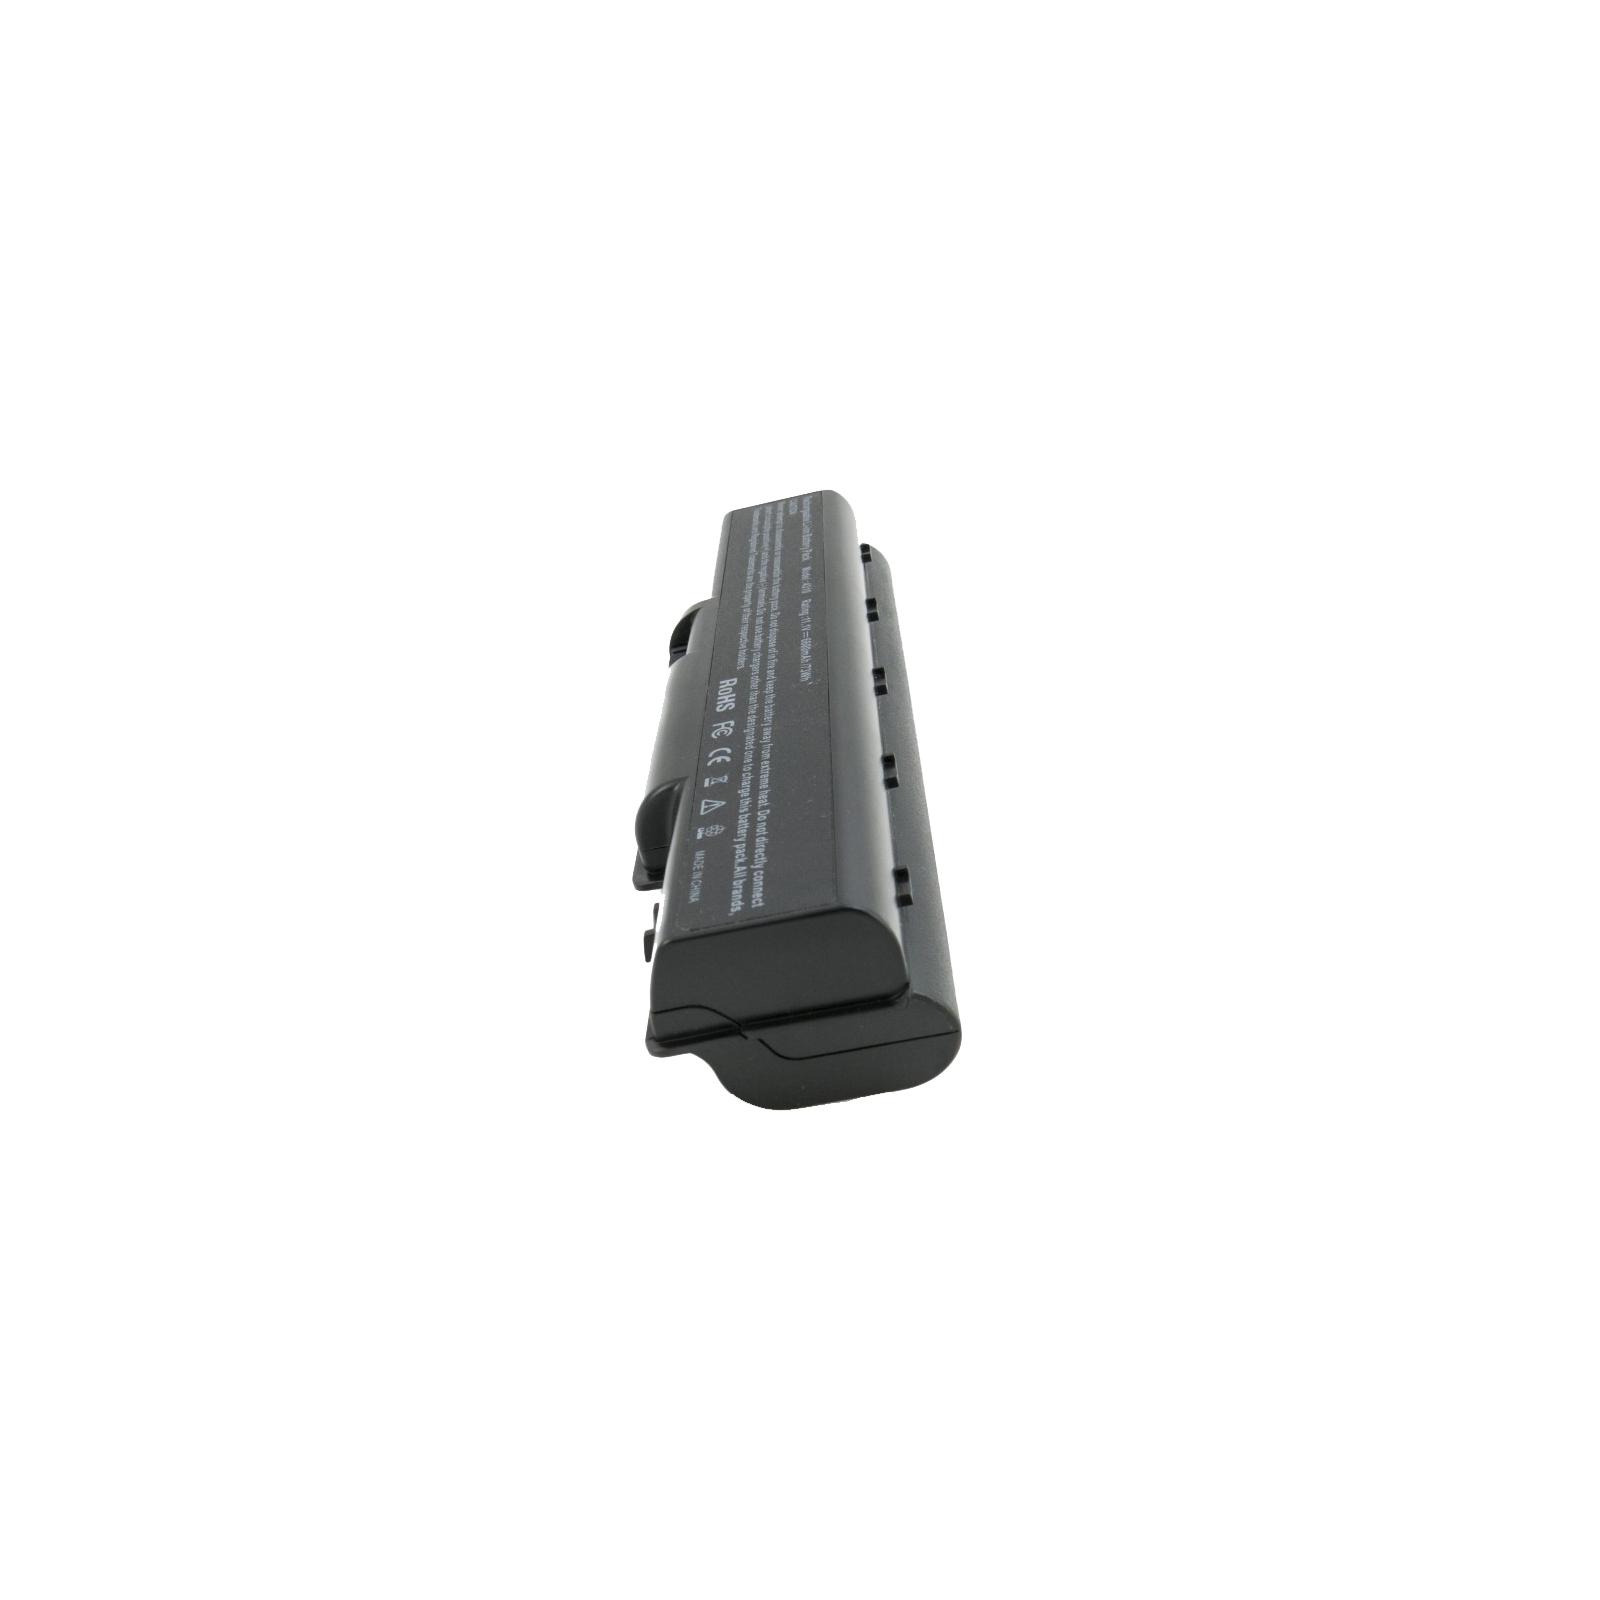 Аккумулятор для ноутбука Acer Aspire 4310 (AS07A41) 6600 mAh EXTRADIGITAL (BNA3907) изображение 5